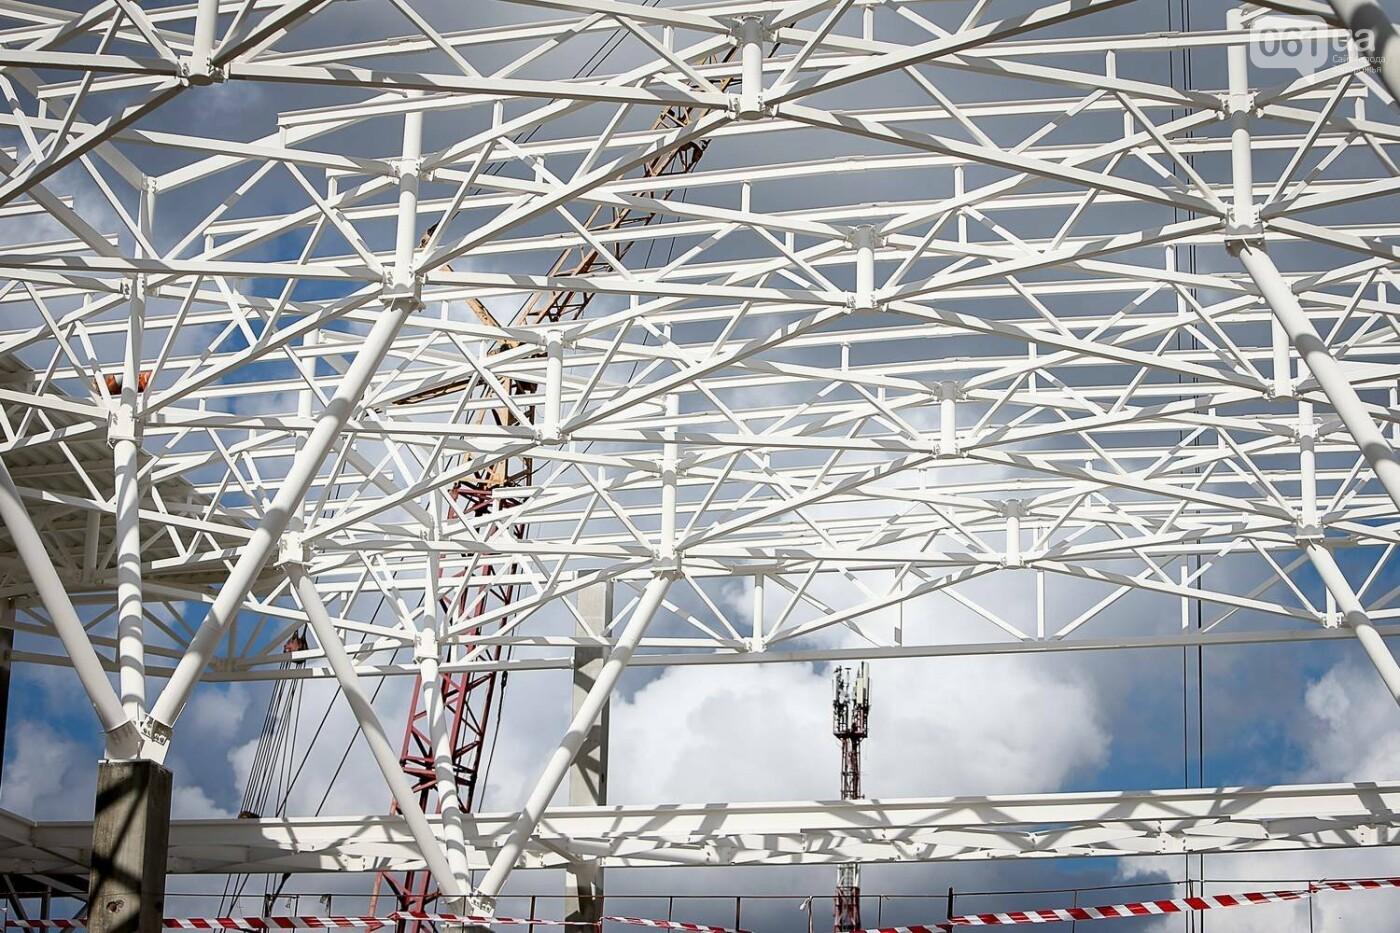 Строительство нового терминала запорожского аэропорта в фотографиях и цитатах, фото-29